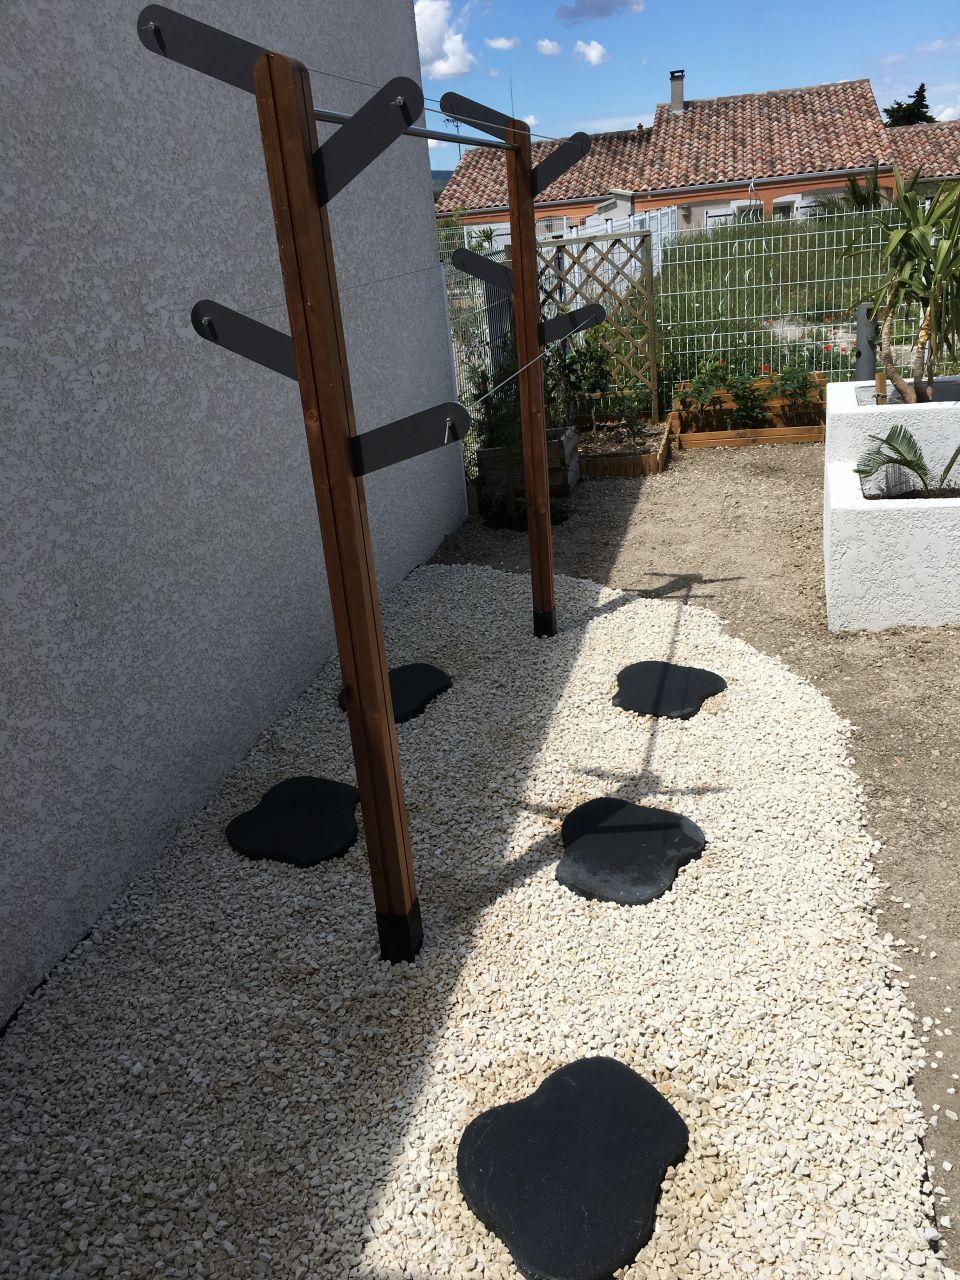 Étendoir À Linge Kaktus   Étendoir À Linge, Jardin Exterieur ... avec Etendoir À Linge De Jardin